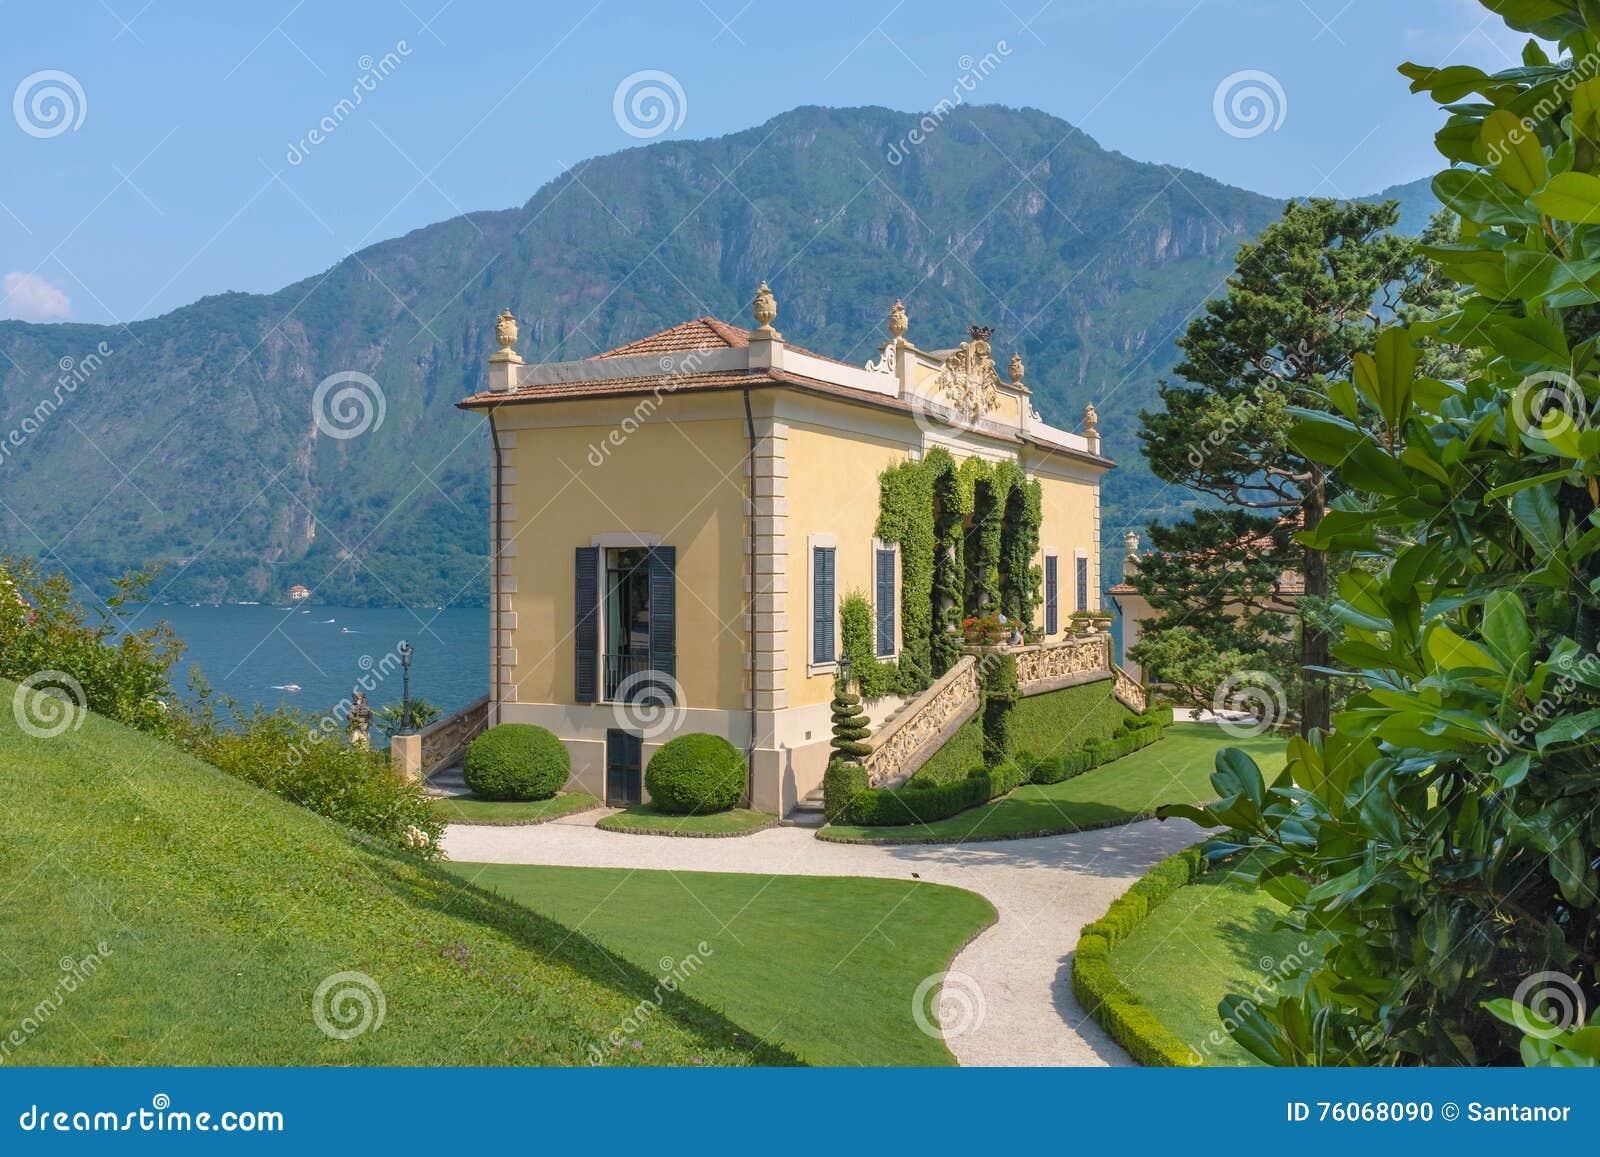 The Villa del Balbianello